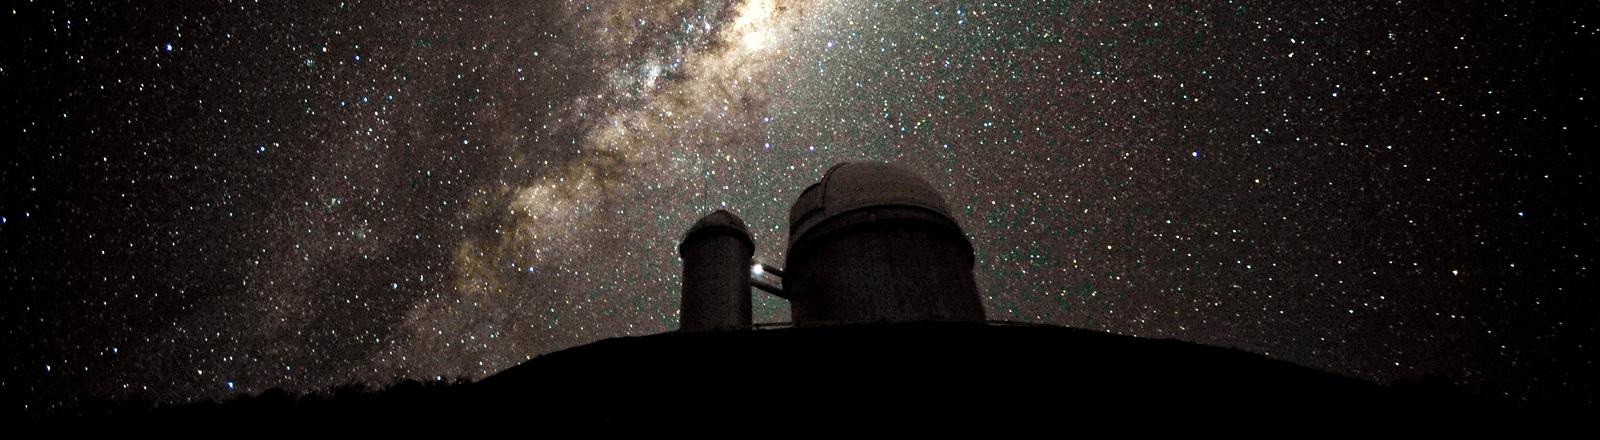 Die Südsternwarte bei Nacht vor der gigantisch leuchtenden Milchstraße